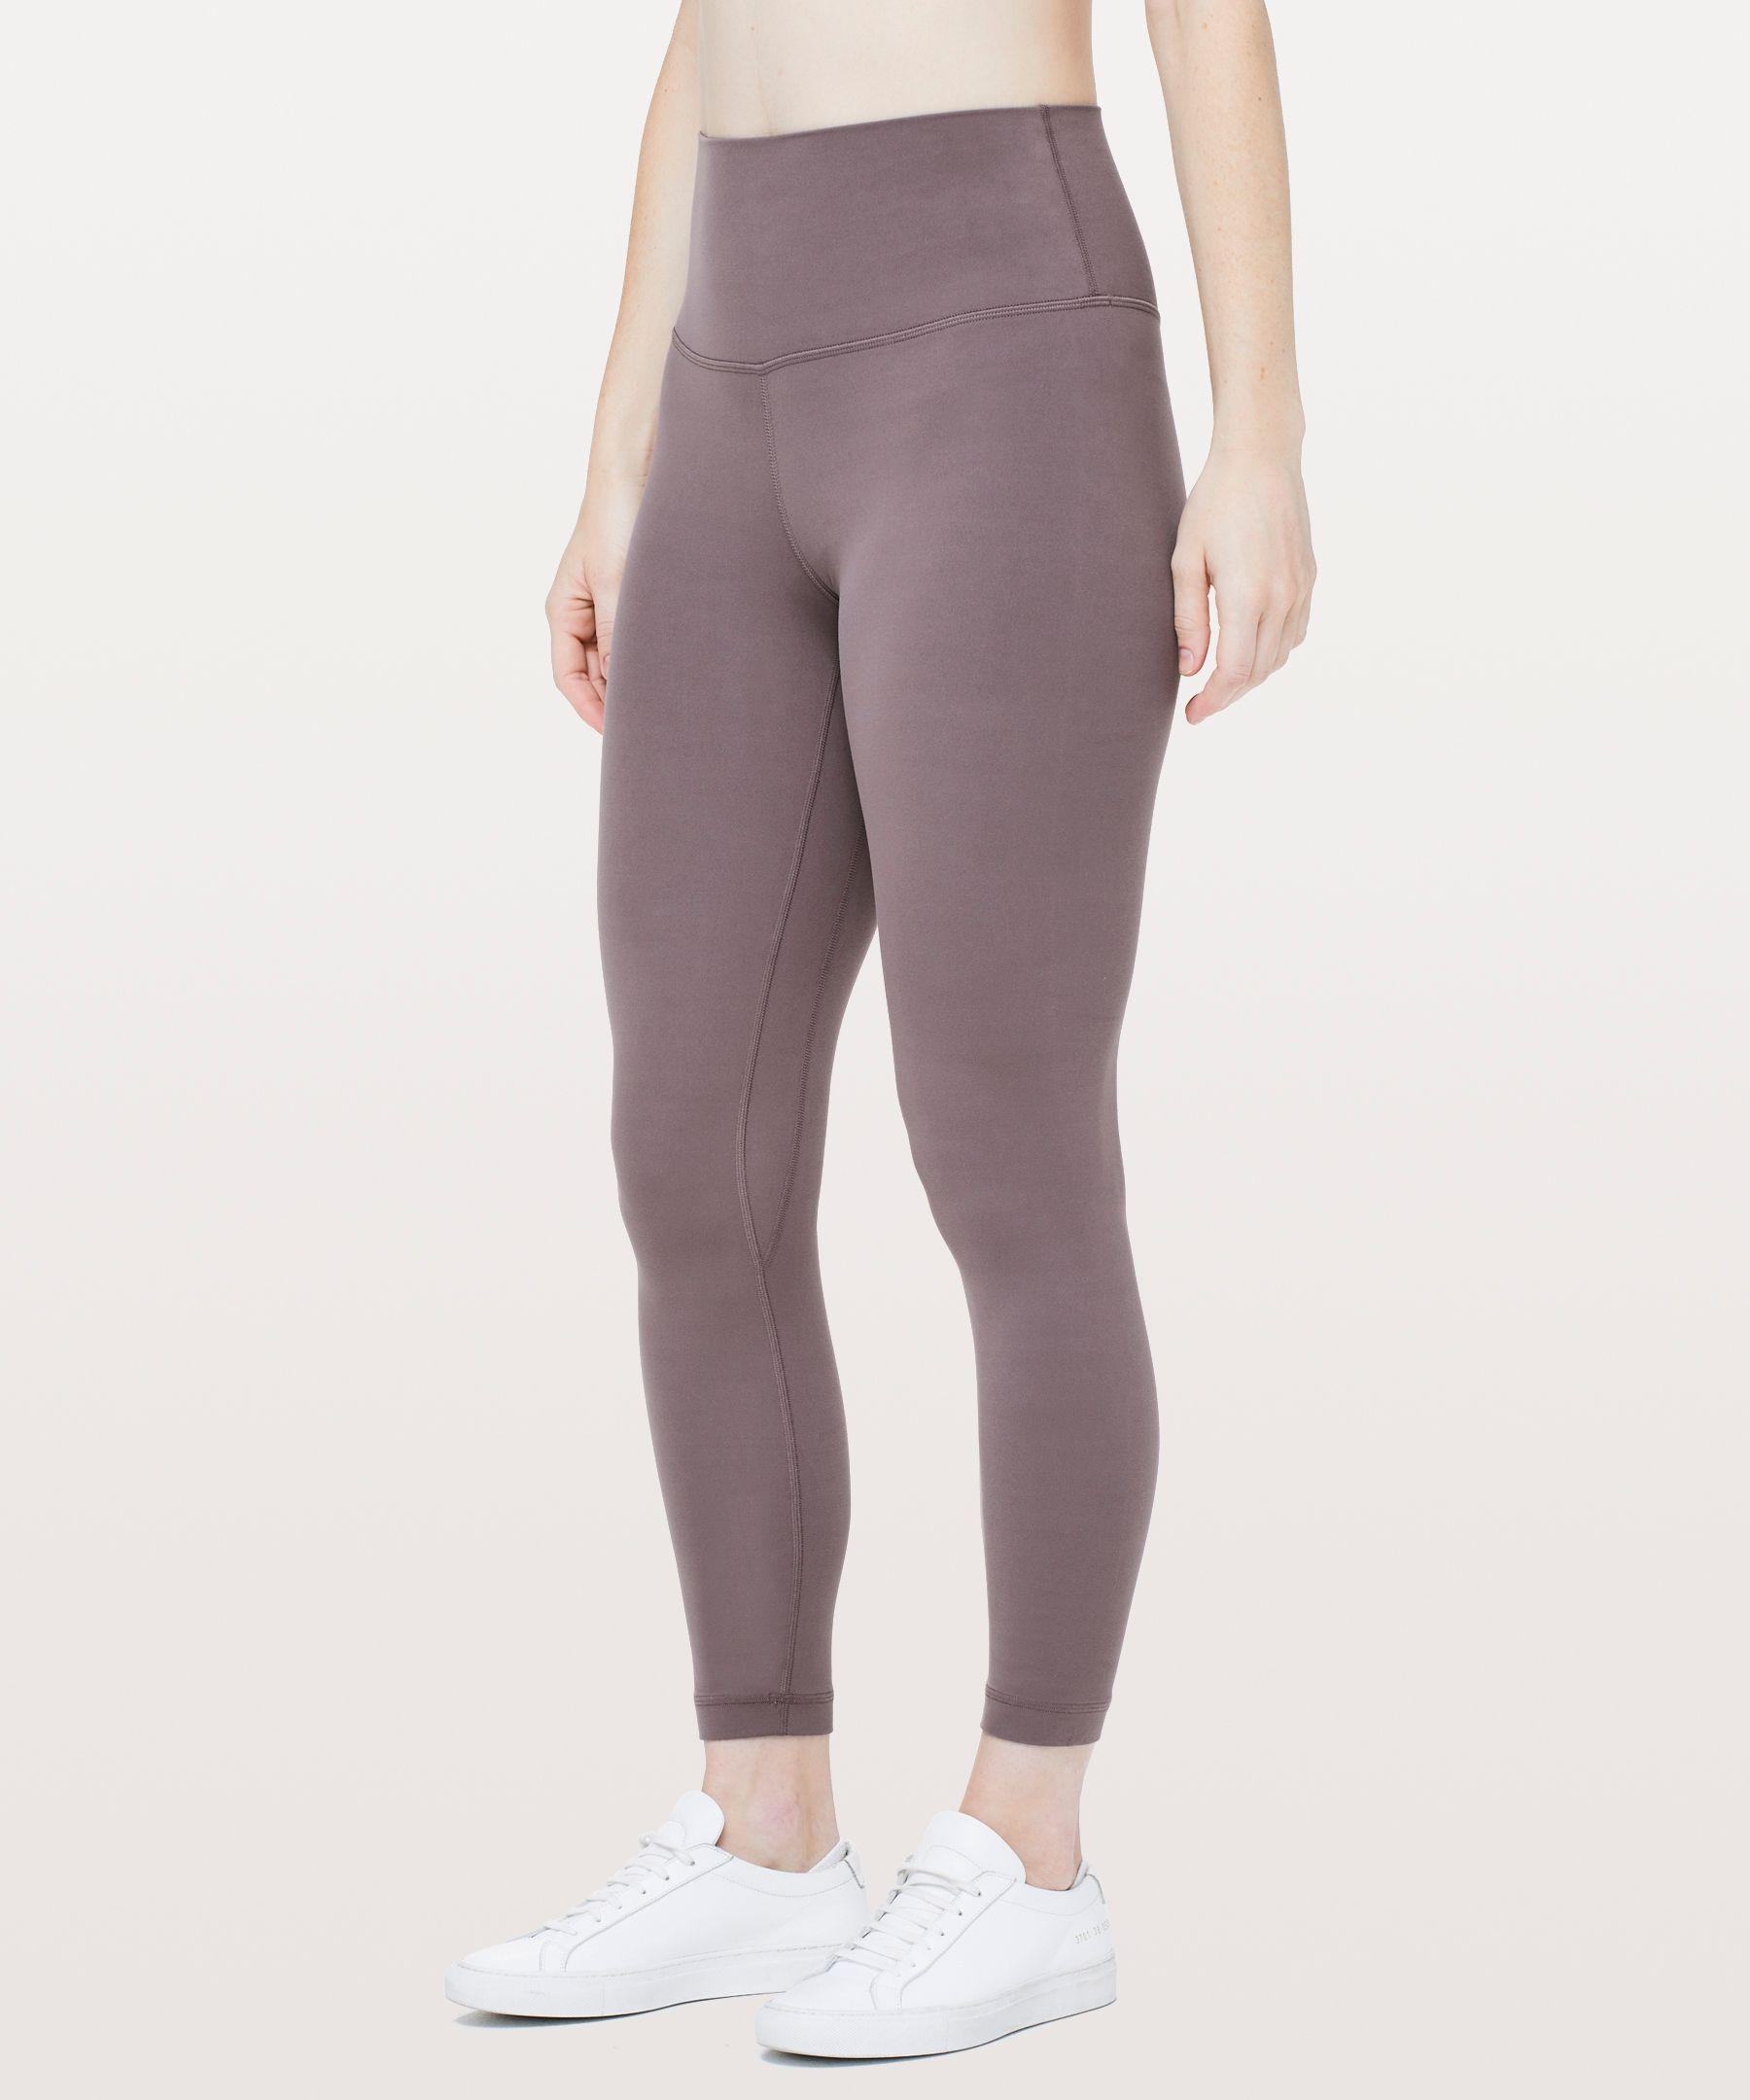 e13a1ca4c0 lululemon Women's Align Pant II 25